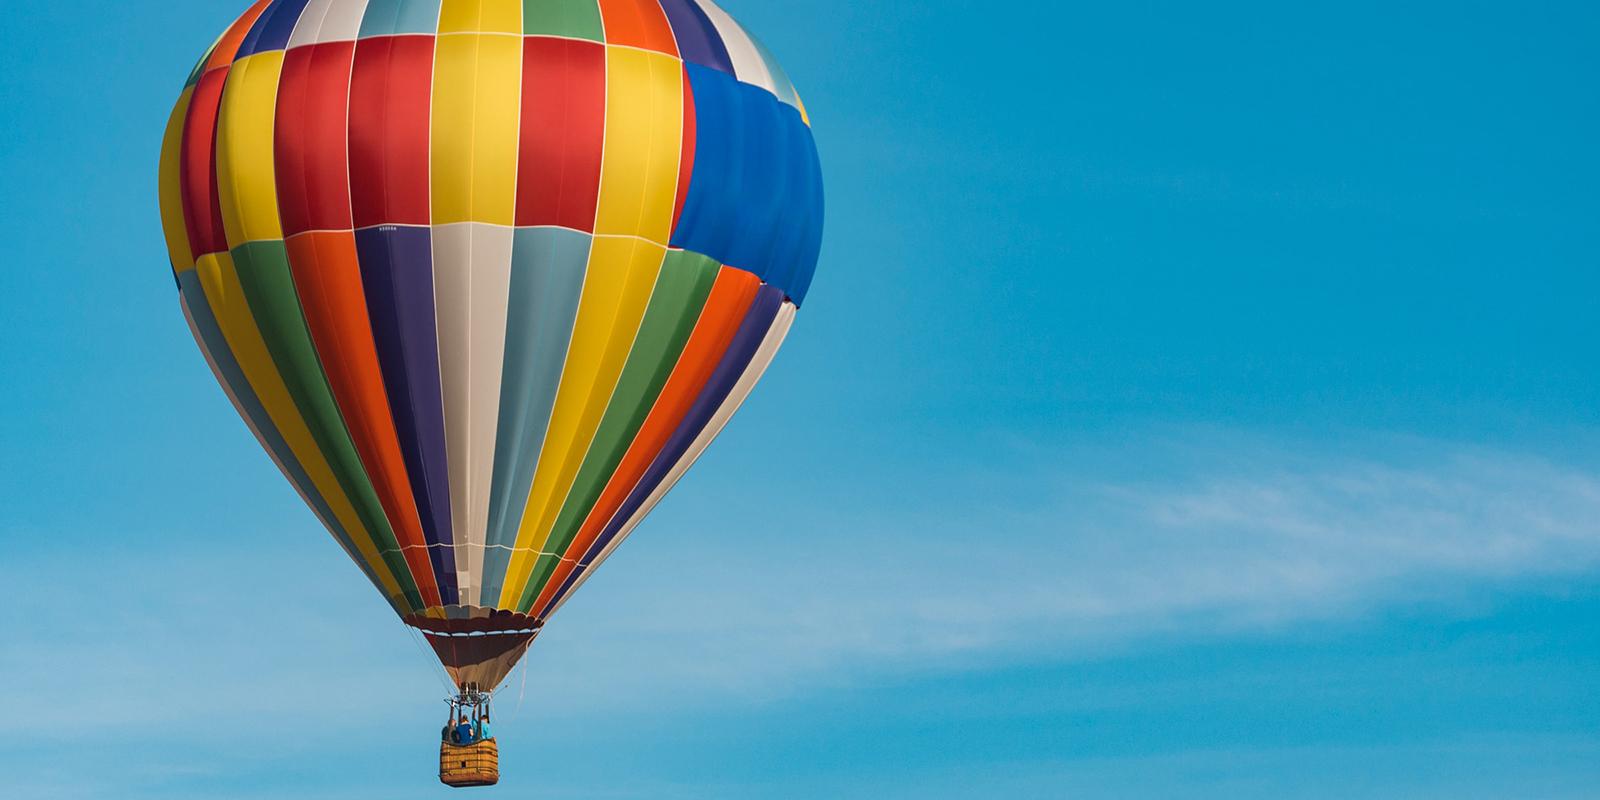 Värikäs kuumailmapallo taivaalla